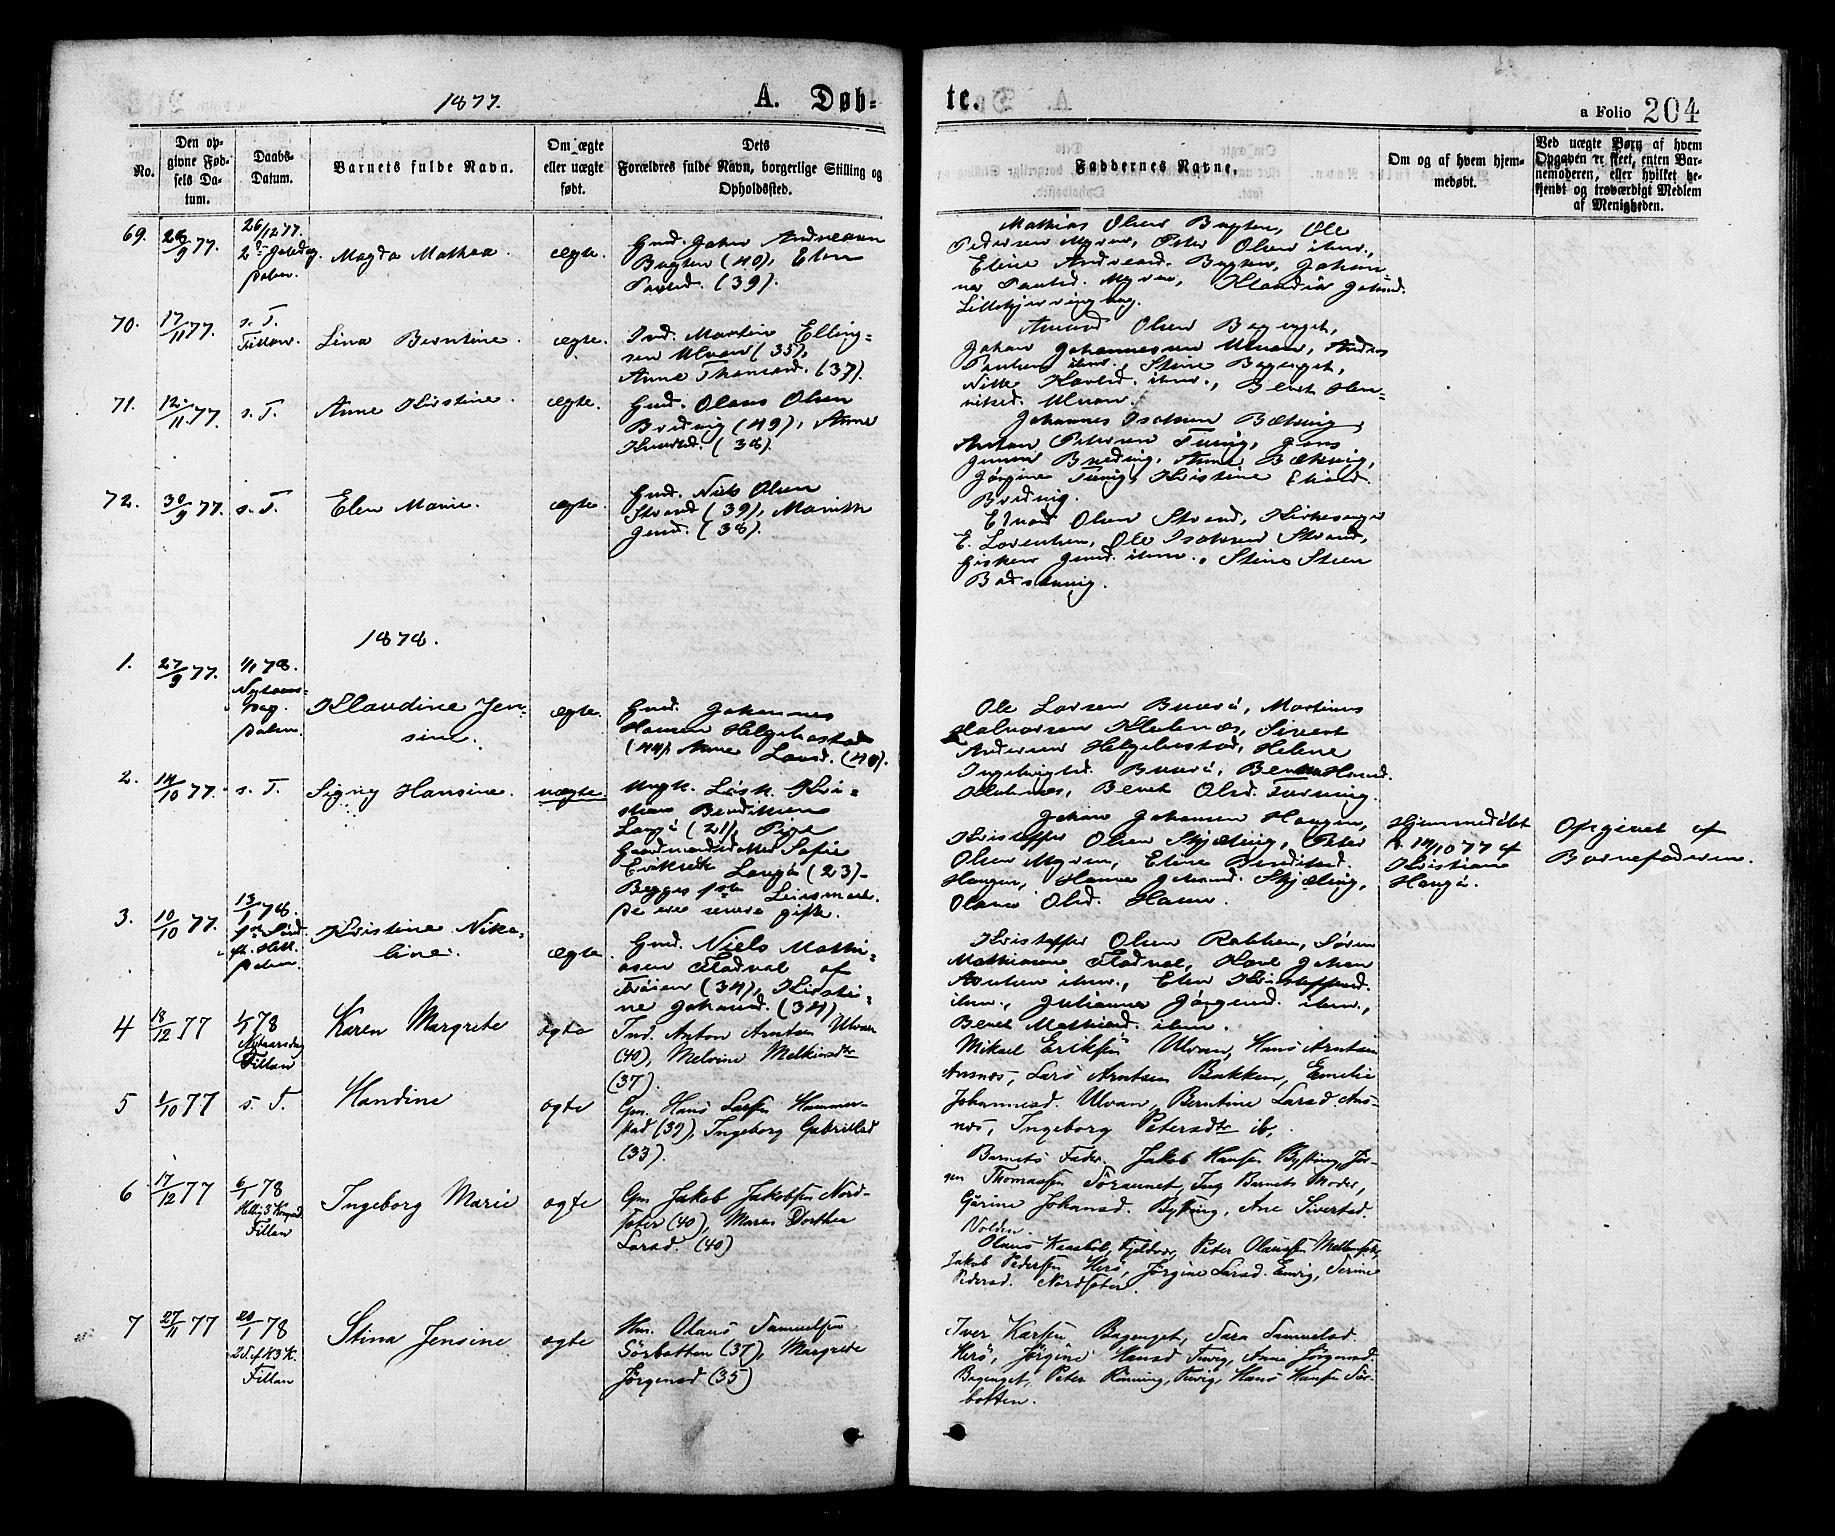 SAT, Ministerialprotokoller, klokkerbøker og fødselsregistre - Sør-Trøndelag, 634/L0532: Ministerialbok nr. 634A08, 1871-1881, s. 204